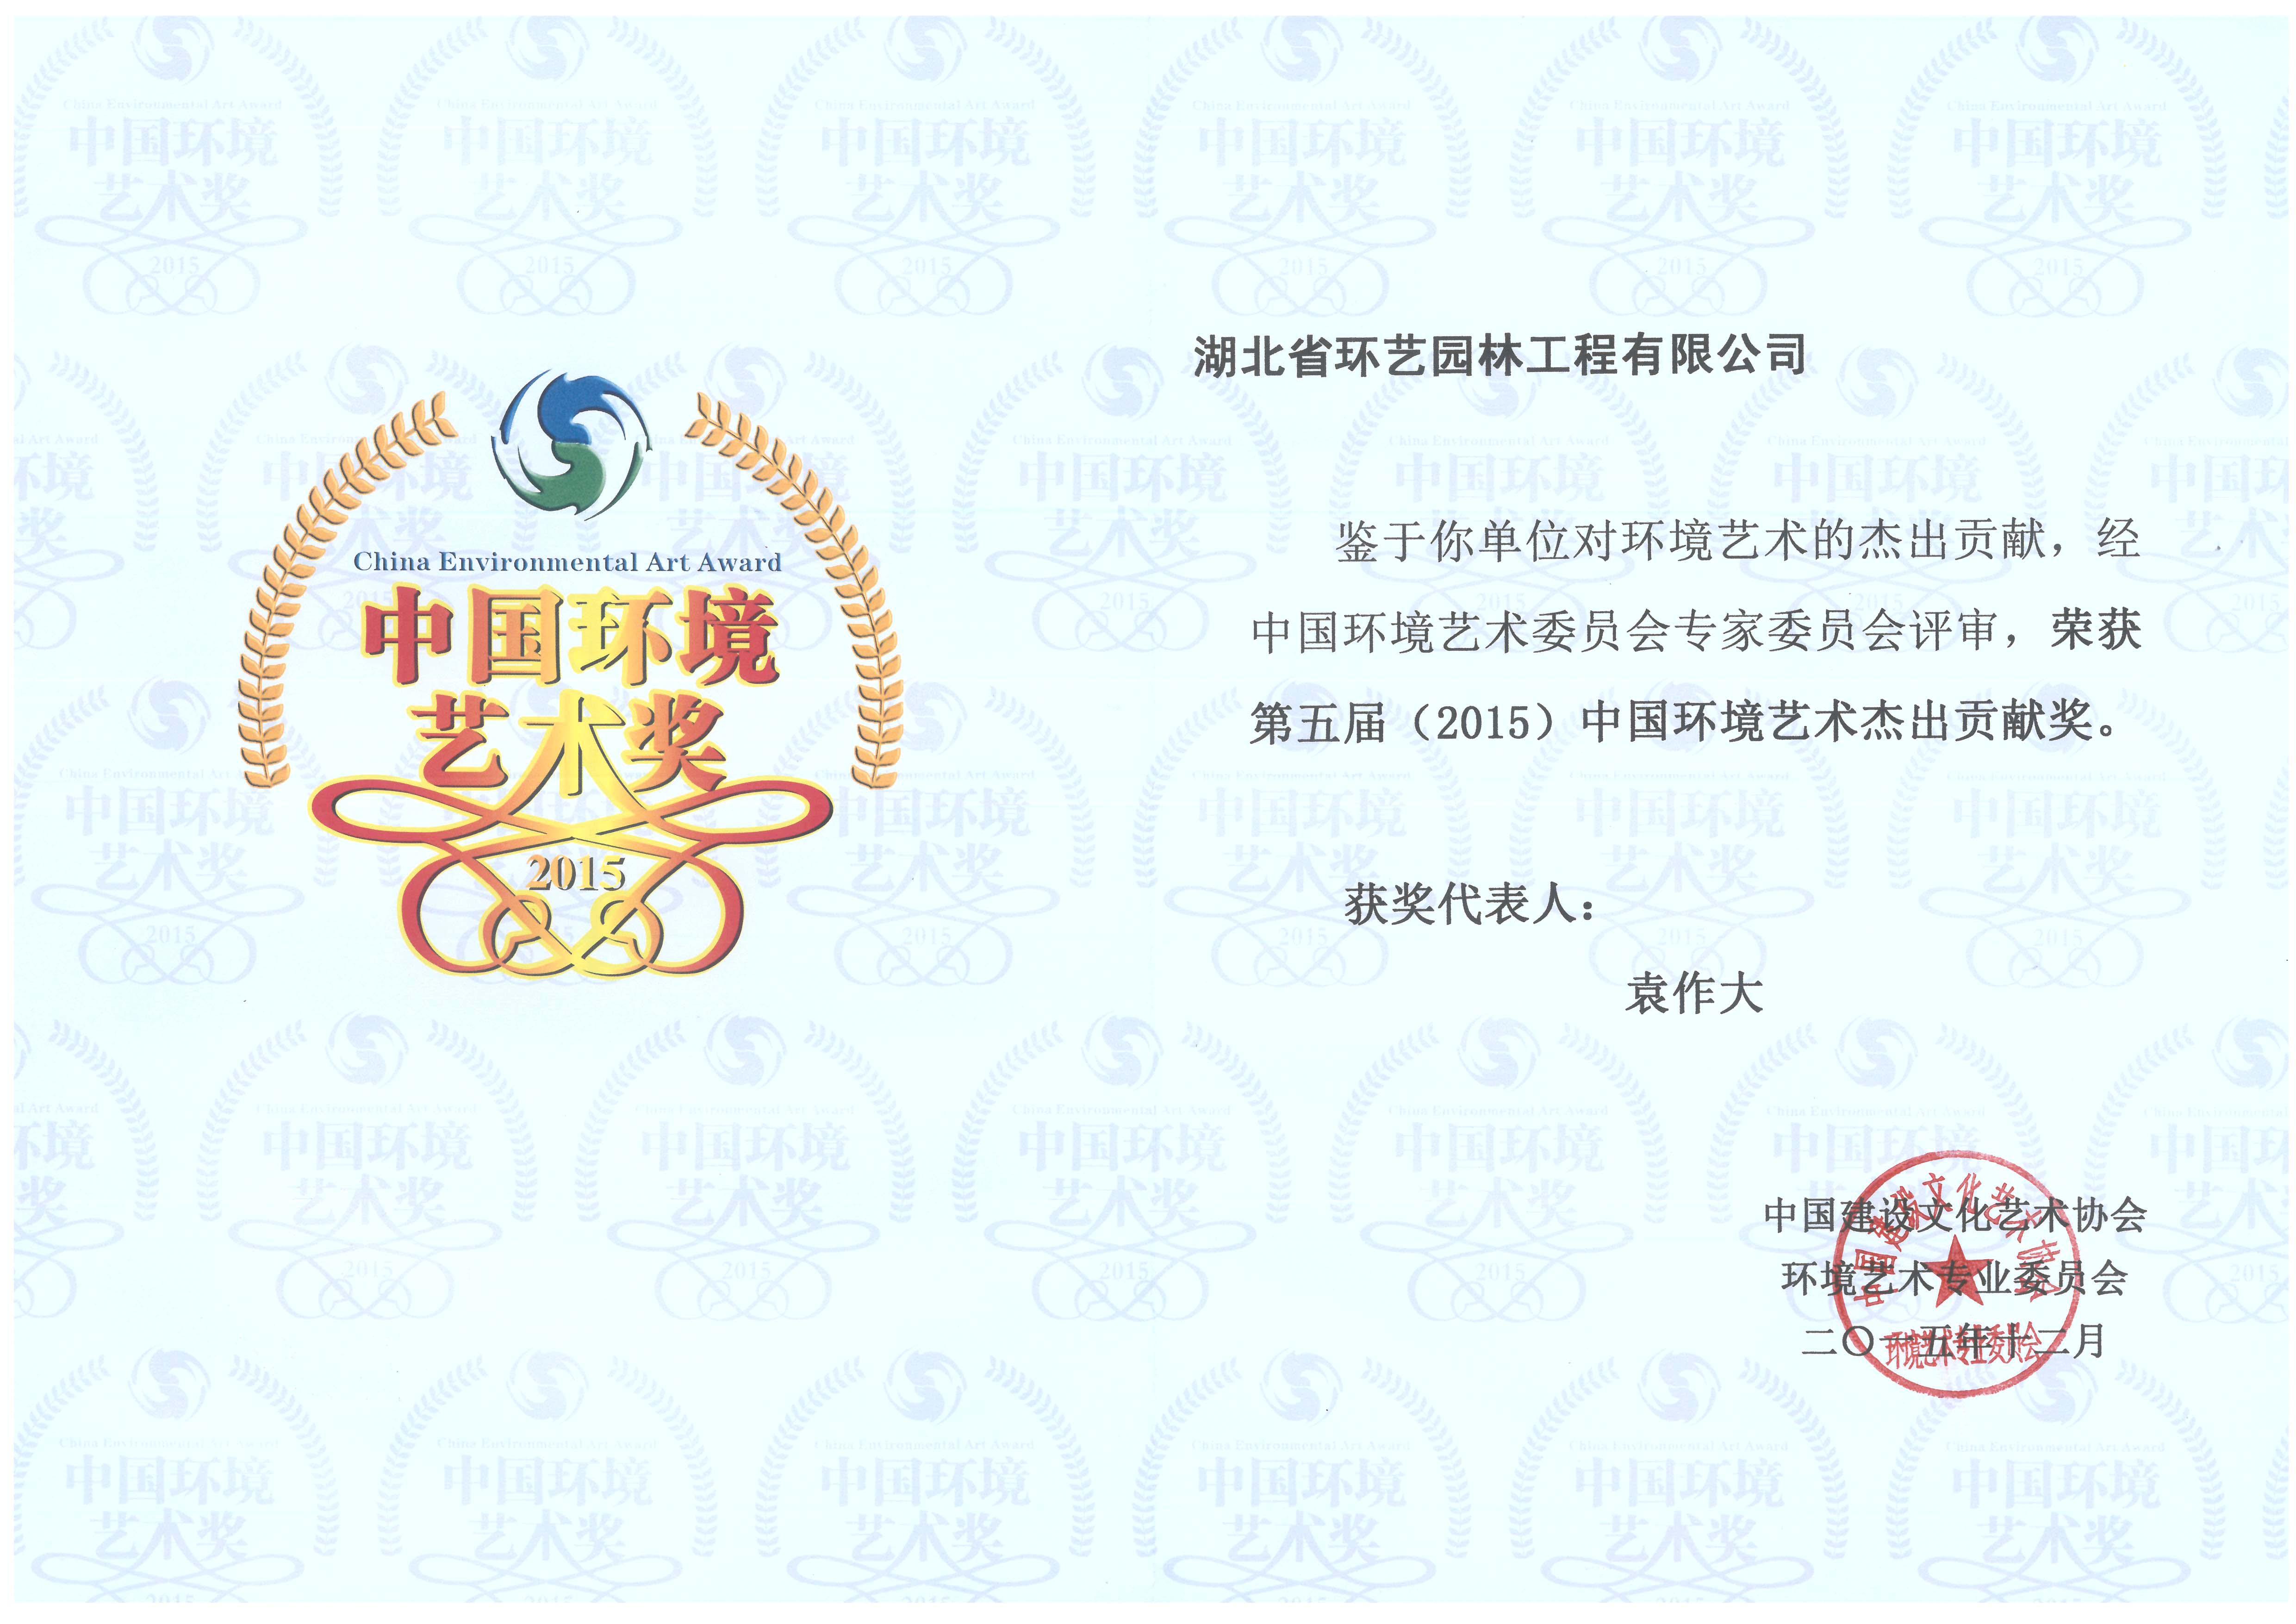 园博会--神农架园中国环境艺术杰出贡献艺术奖(袁作大)